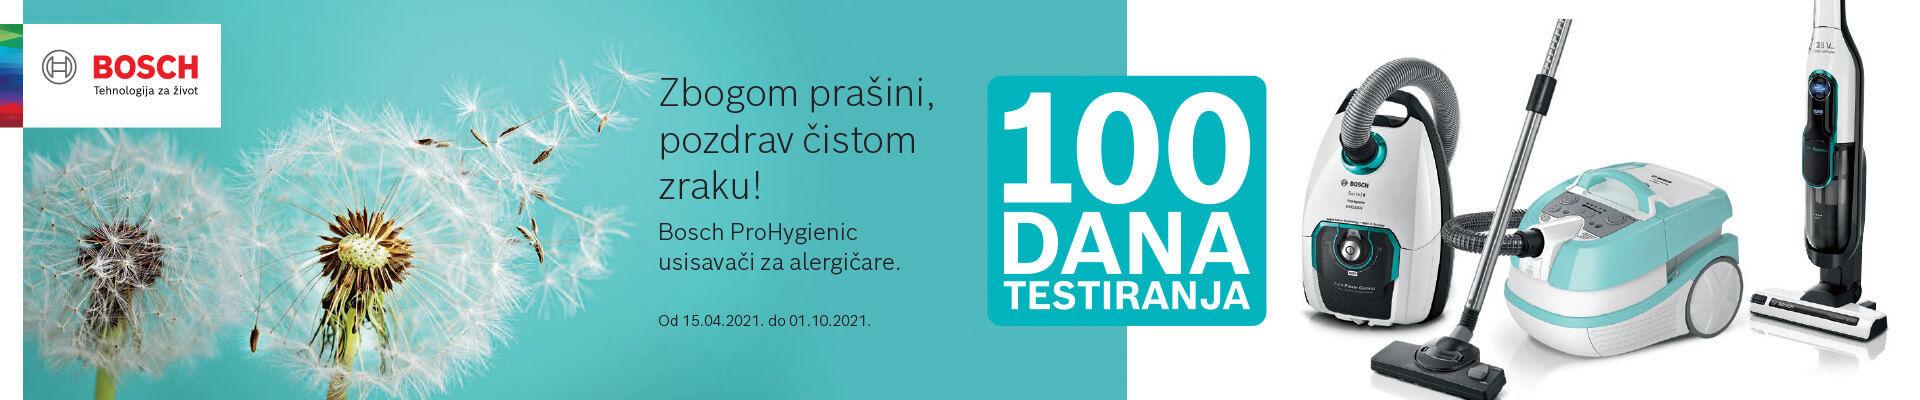 alles-bosch-prohygienic-alergijski-antialergijski-usisavac